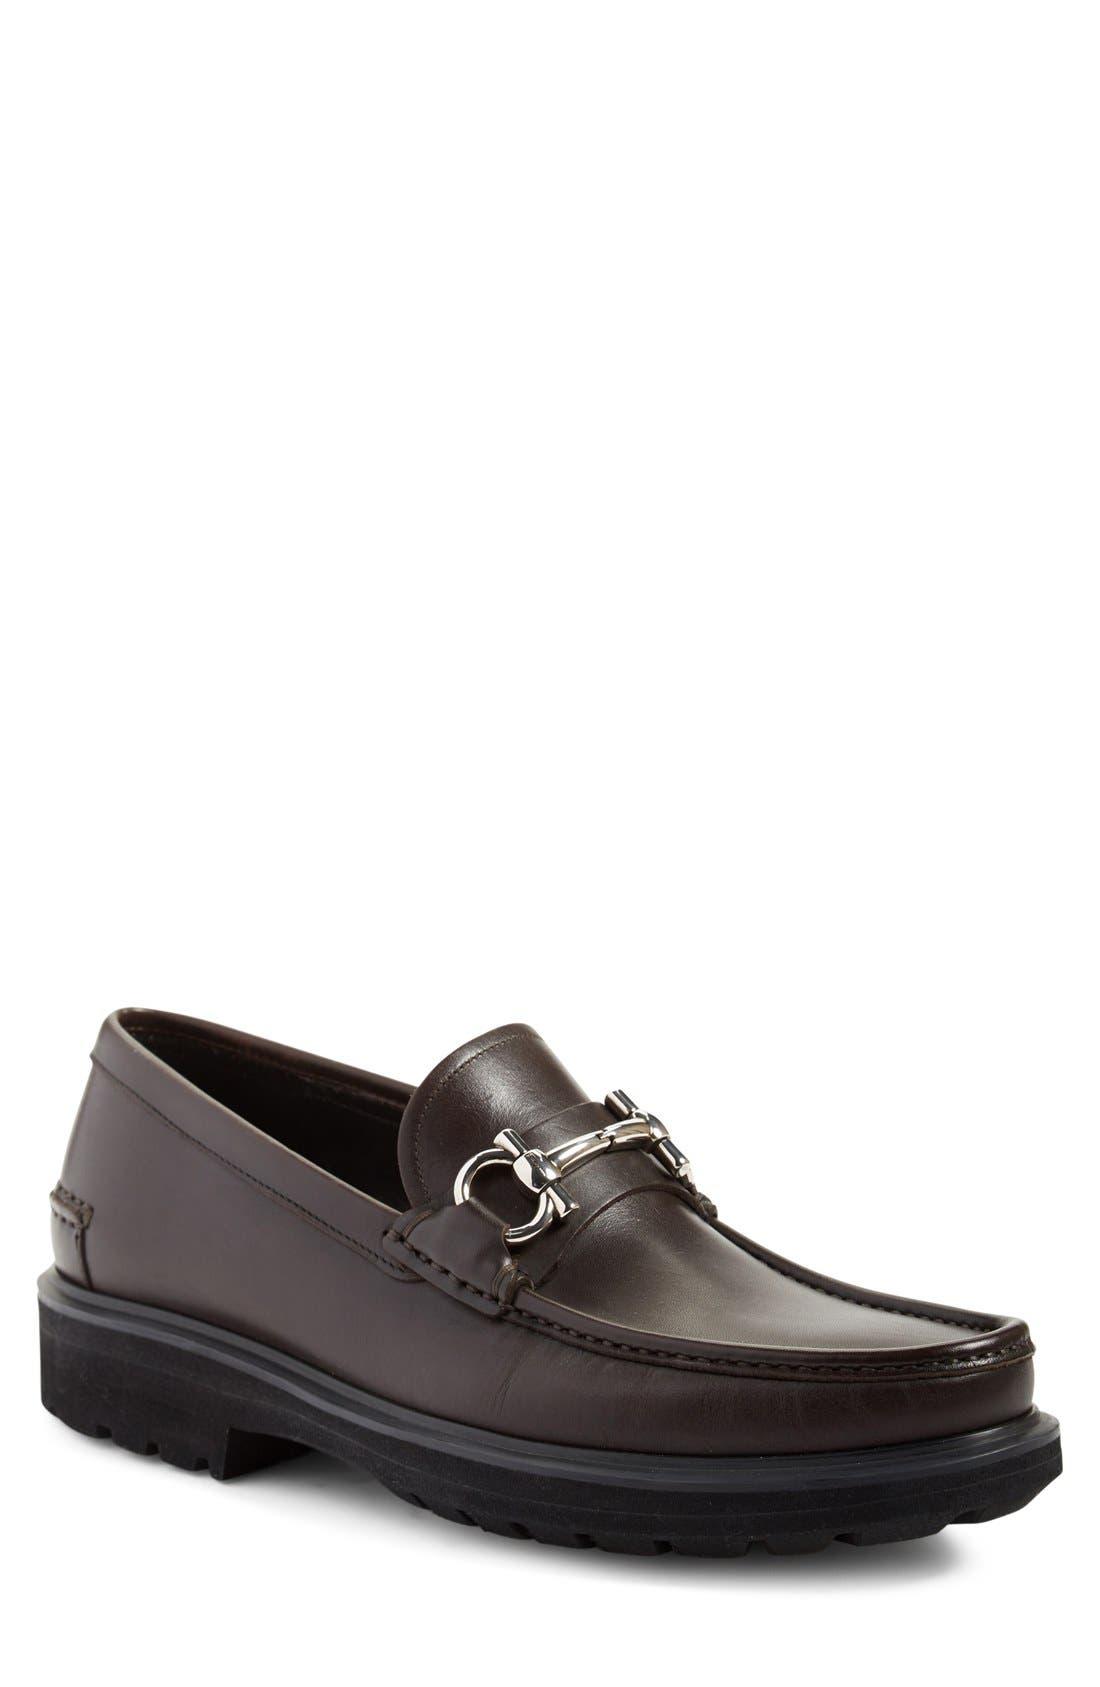 Glasgow Bit Loafer,                         Main,                         color, 206